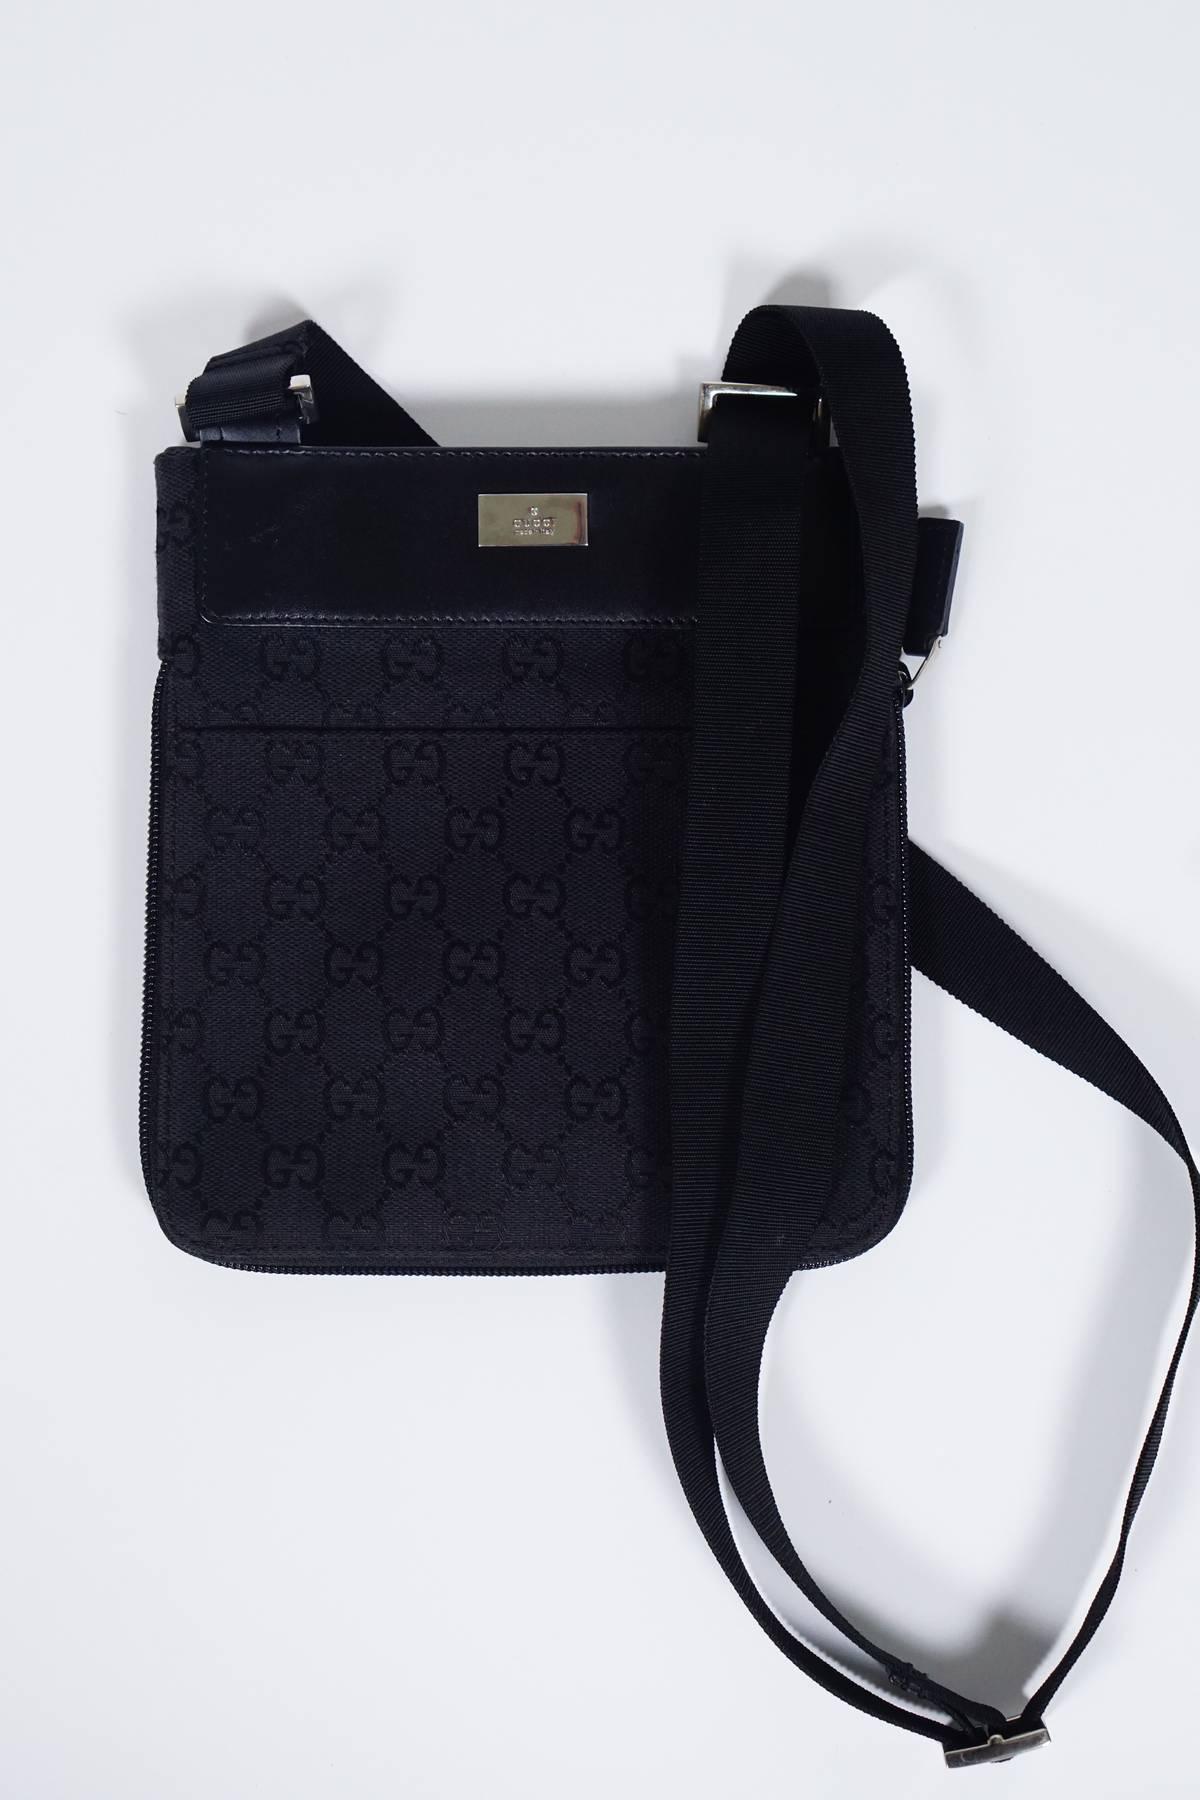 0b1e6431a Gucci Small Black Crossbody Bag